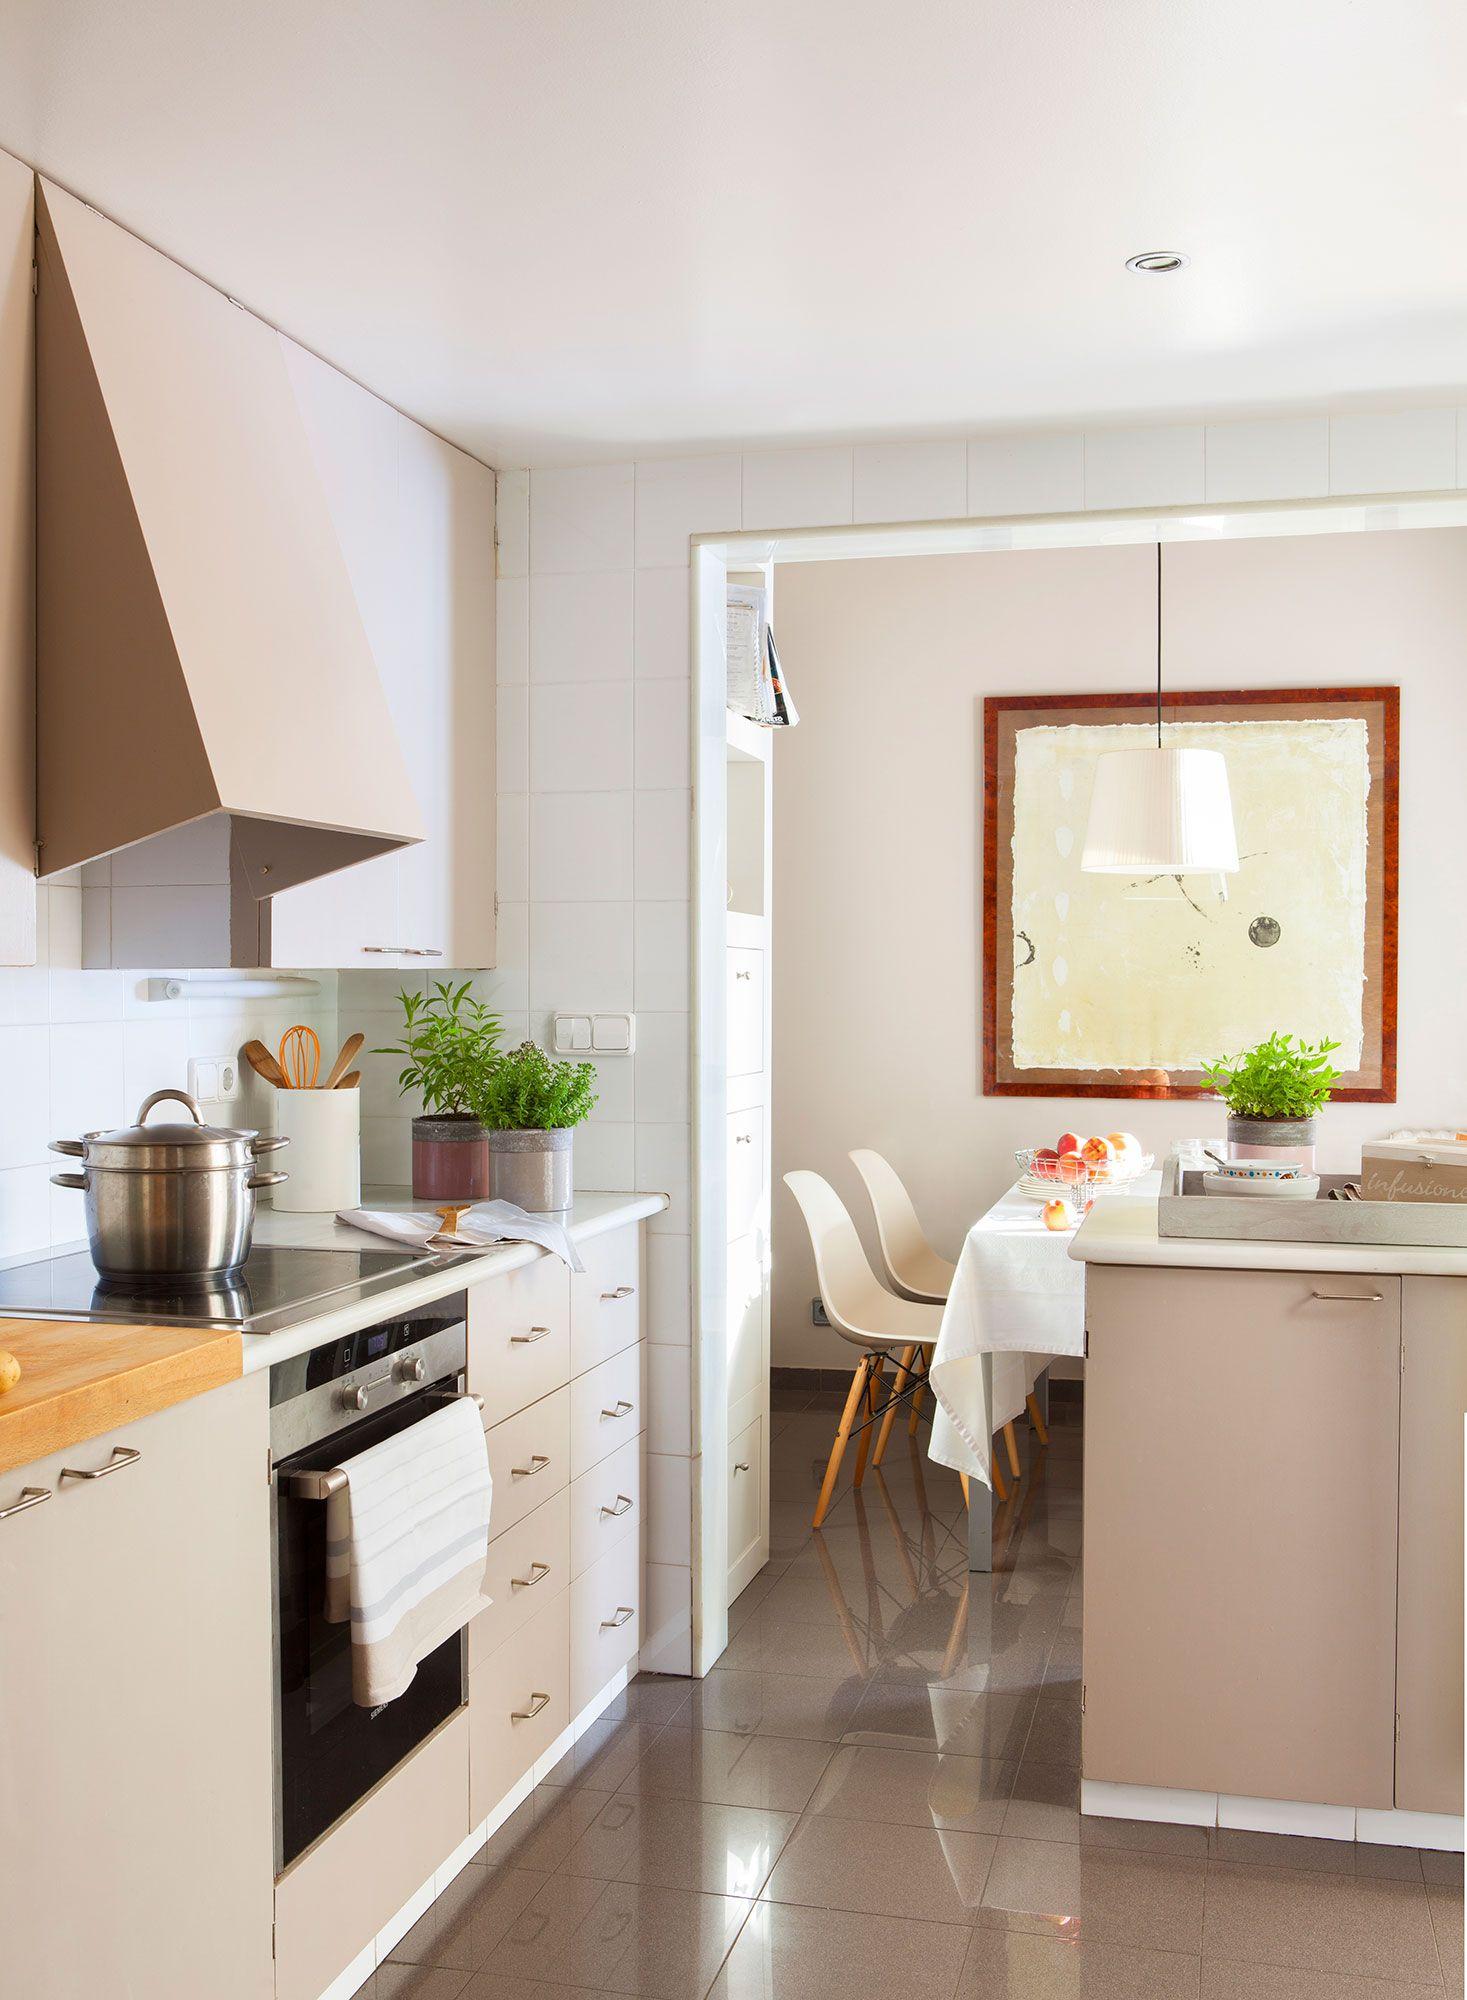 Renovar la cocina sin obras 10 reformas low cost for Cocina sin azulejos